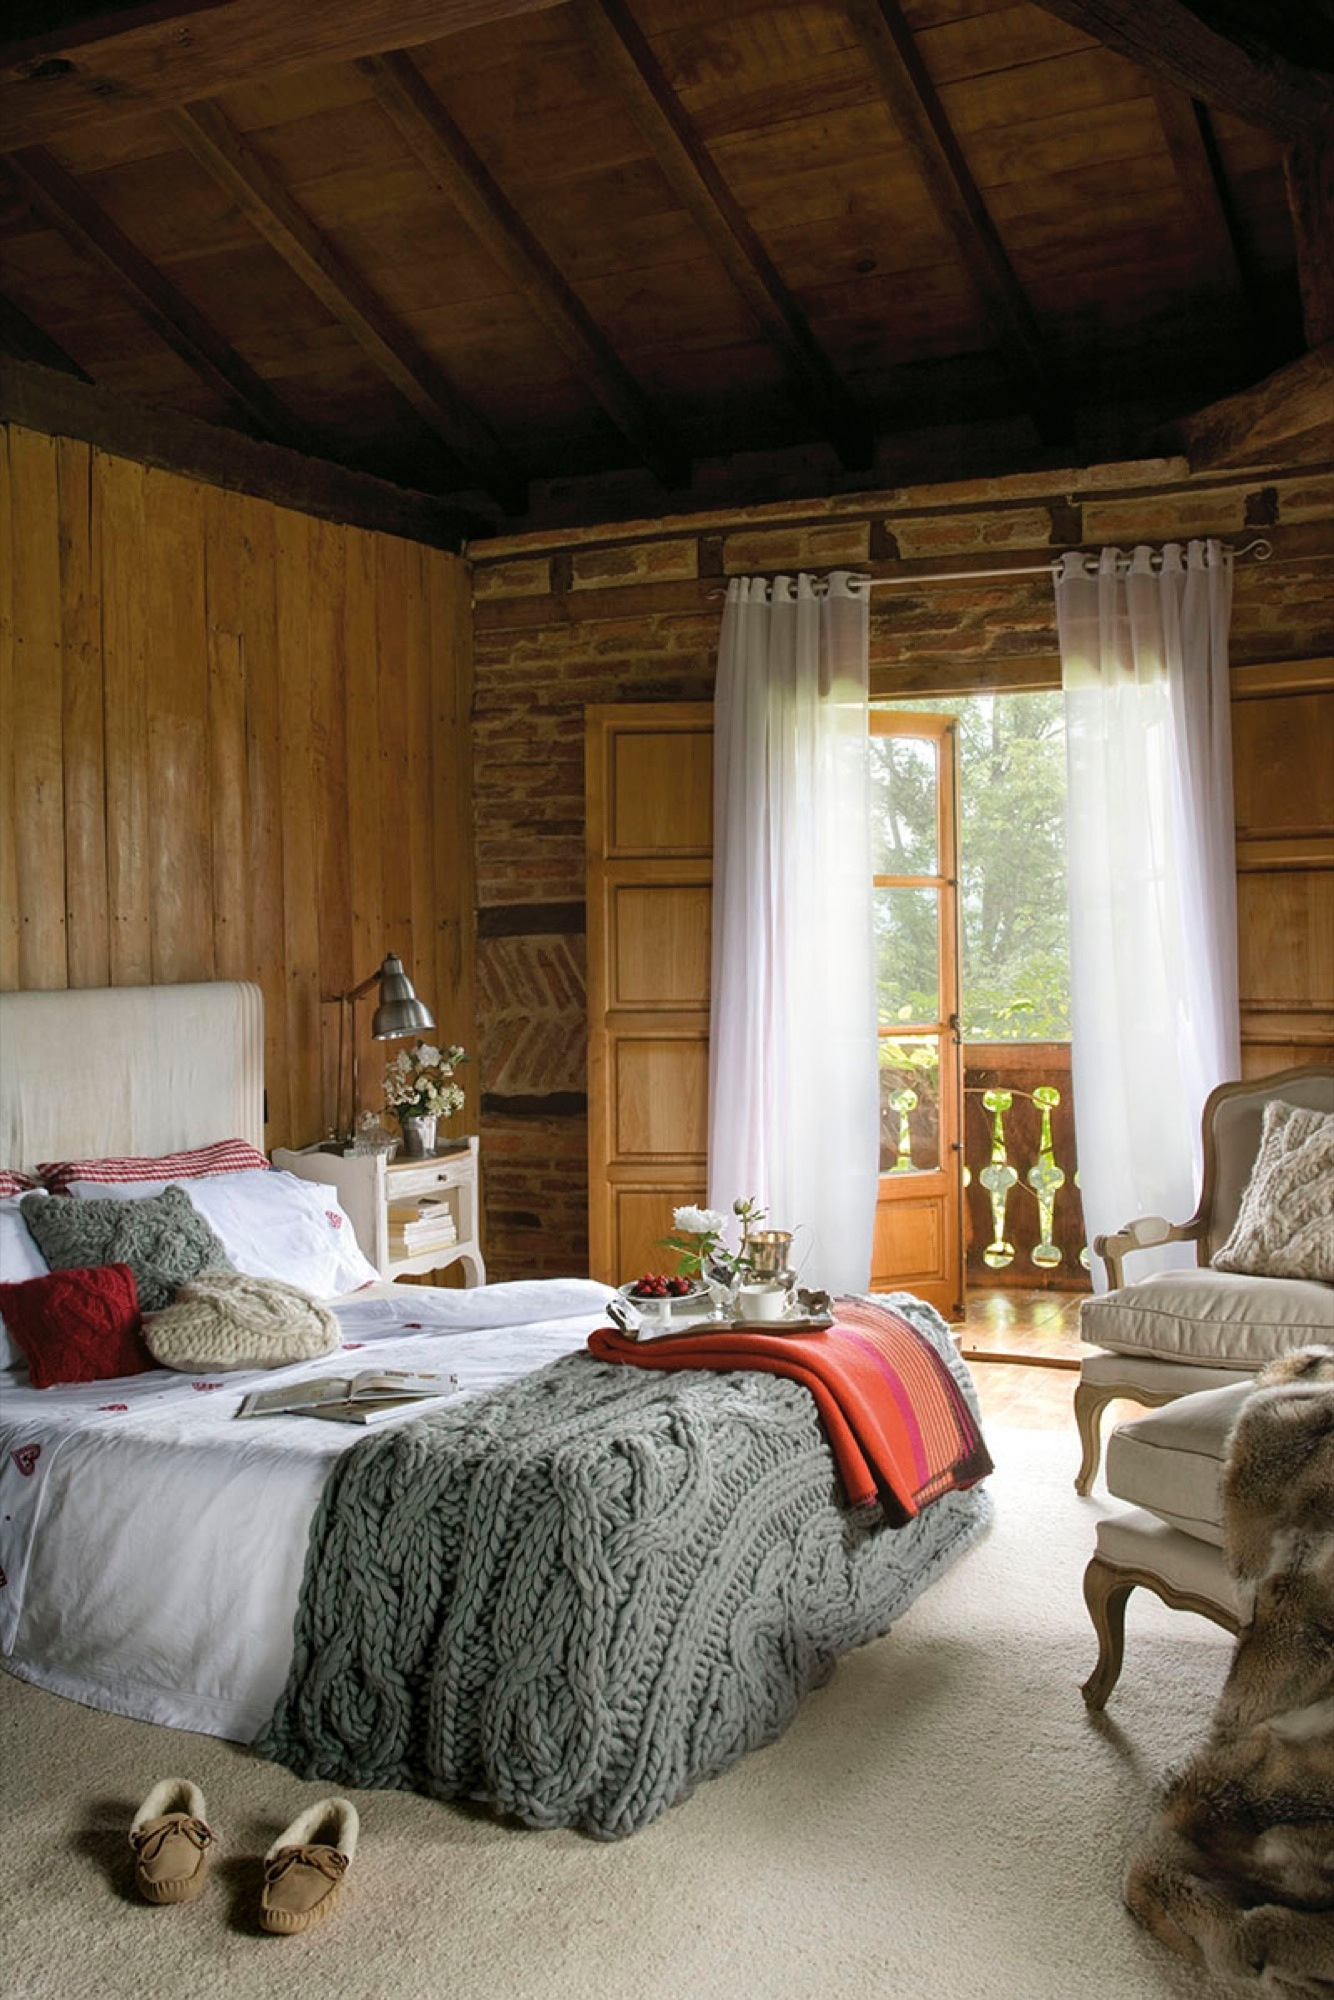 20 dormitorios r sticos con mucho encanto for Catalogos de decoracion de interiores